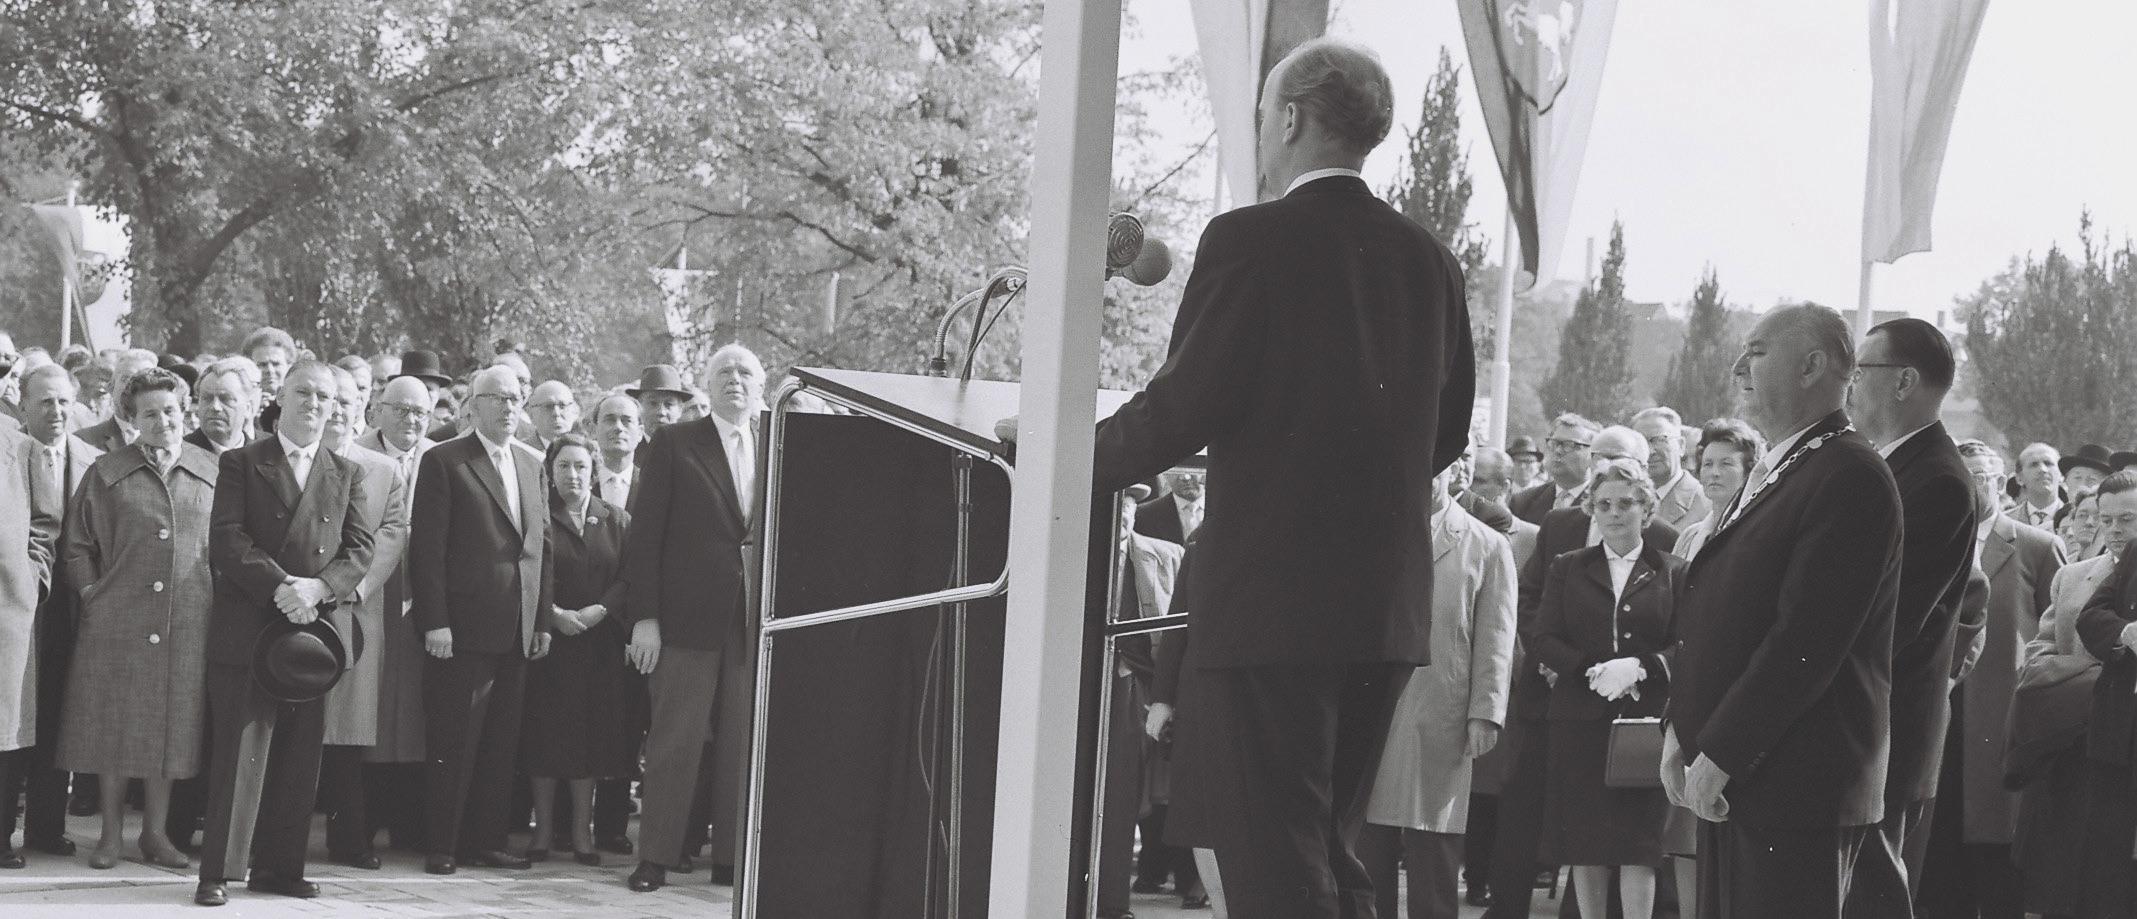 Ansprache des Architekten Martin Düker vor der Schlüsselübergabe. Foto: Trexler/Kreisarchiv Peine